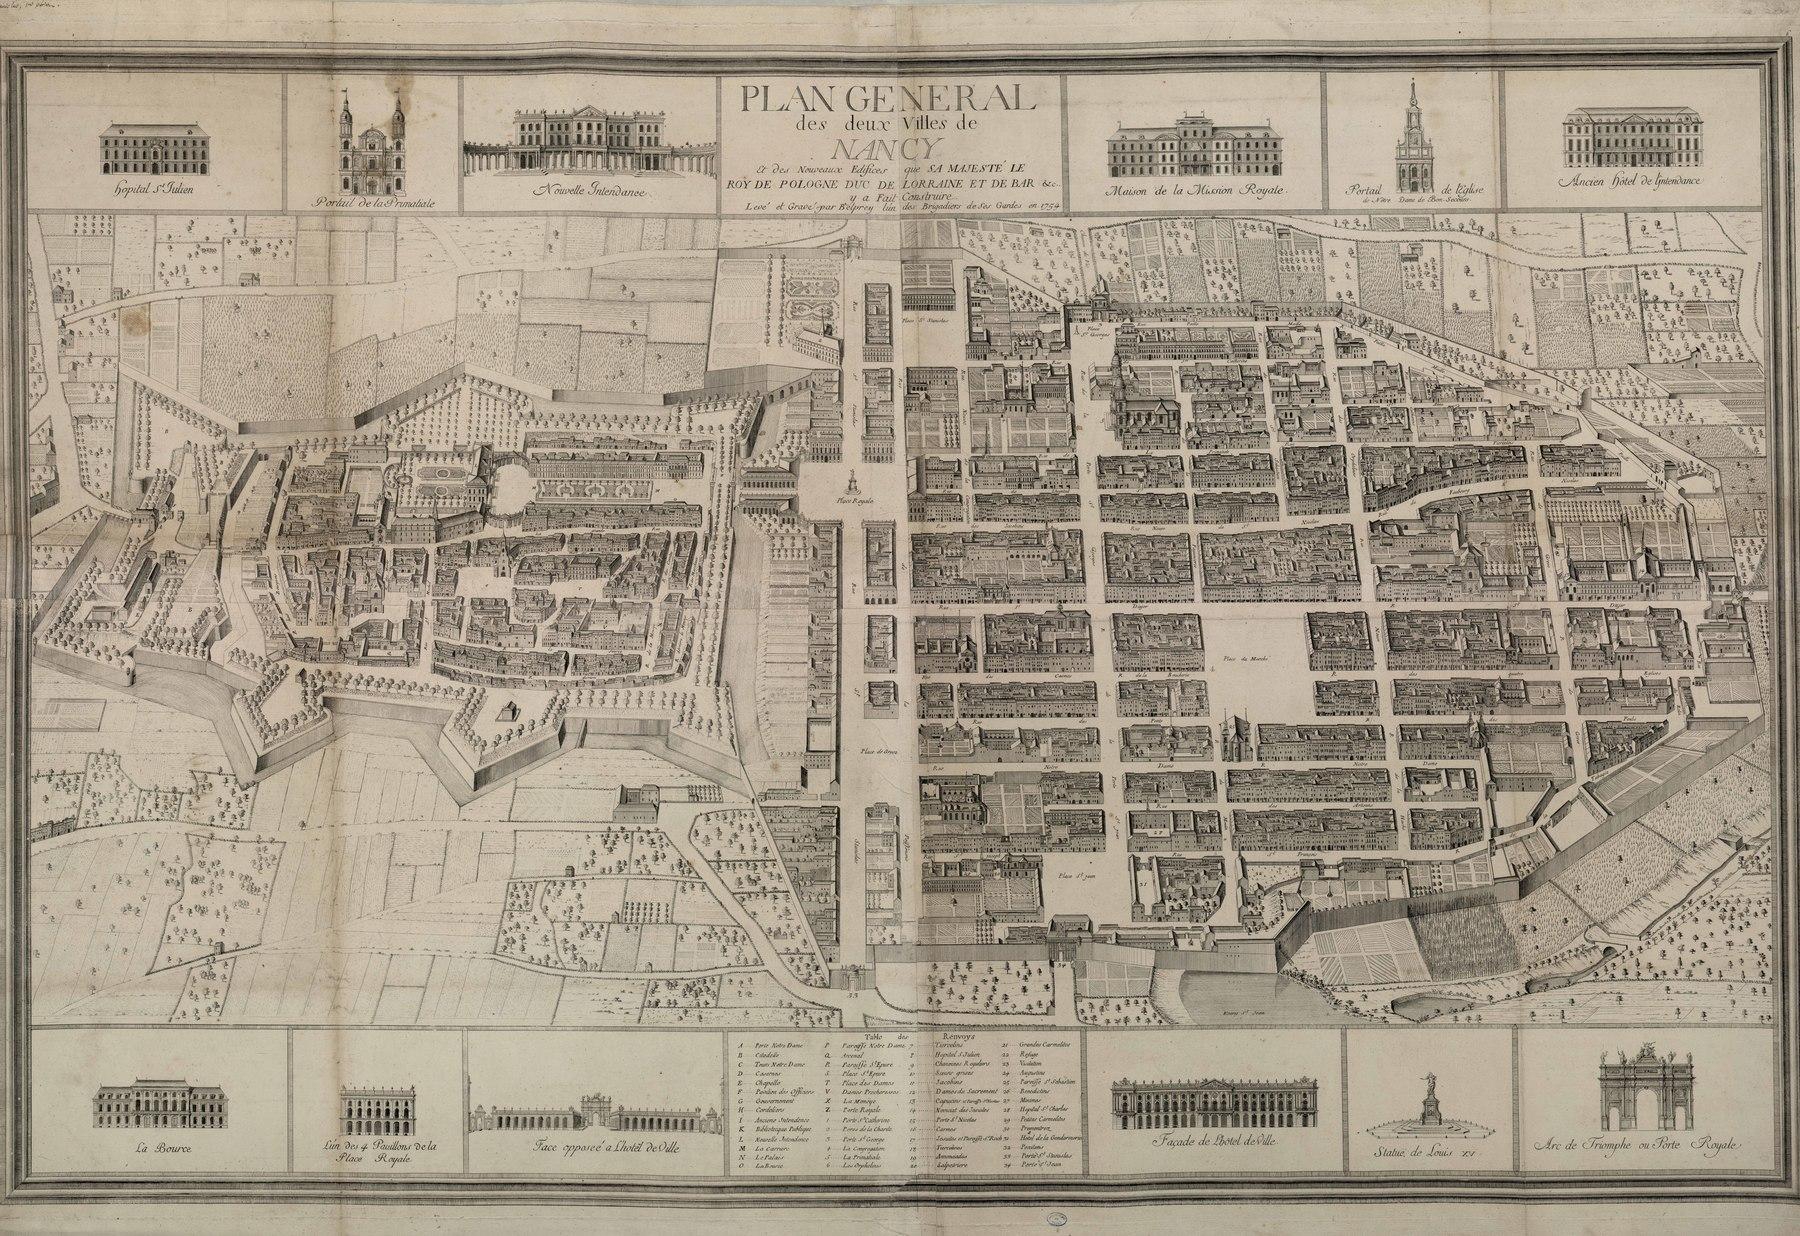 Contenu du Plan général des deux villes de Nancy et des nouveaux édifices que sa majesté le Roy de Pologne Duc de Lorraine et de Bar y a fait construire. Levé par Belprey en 1754